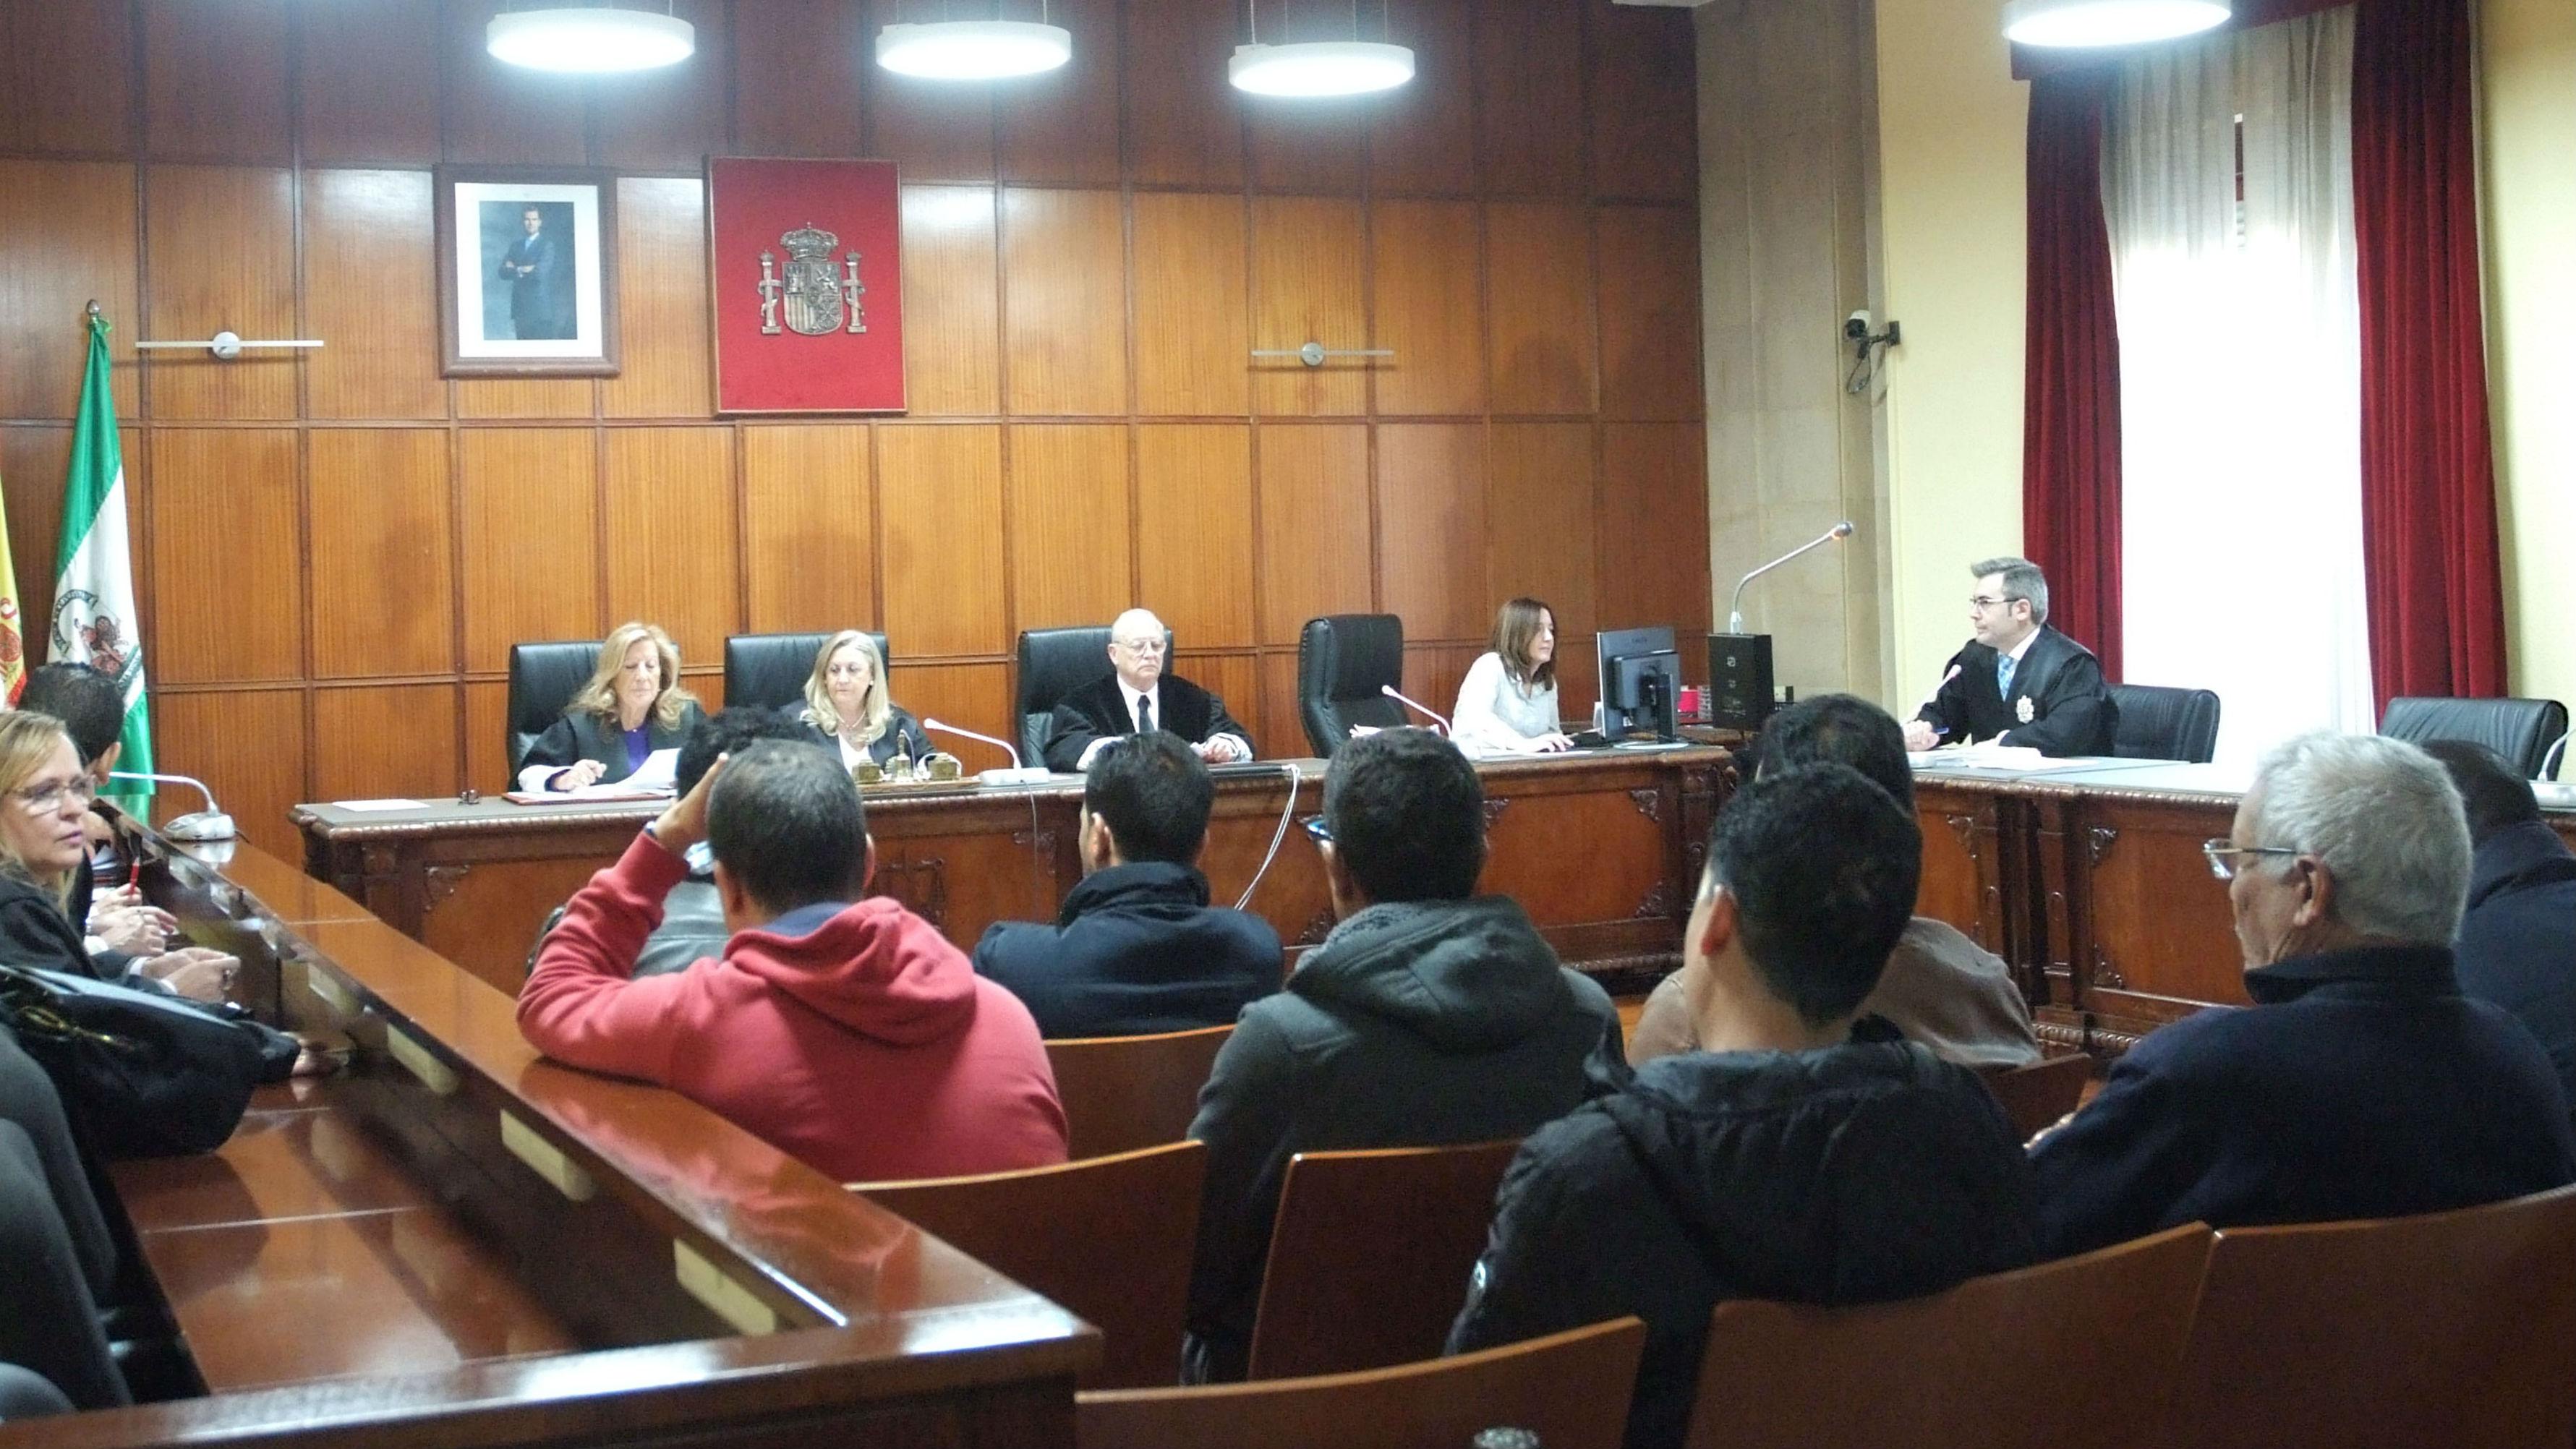 El juicio se ha celebrado en la Audiencia de Jaén